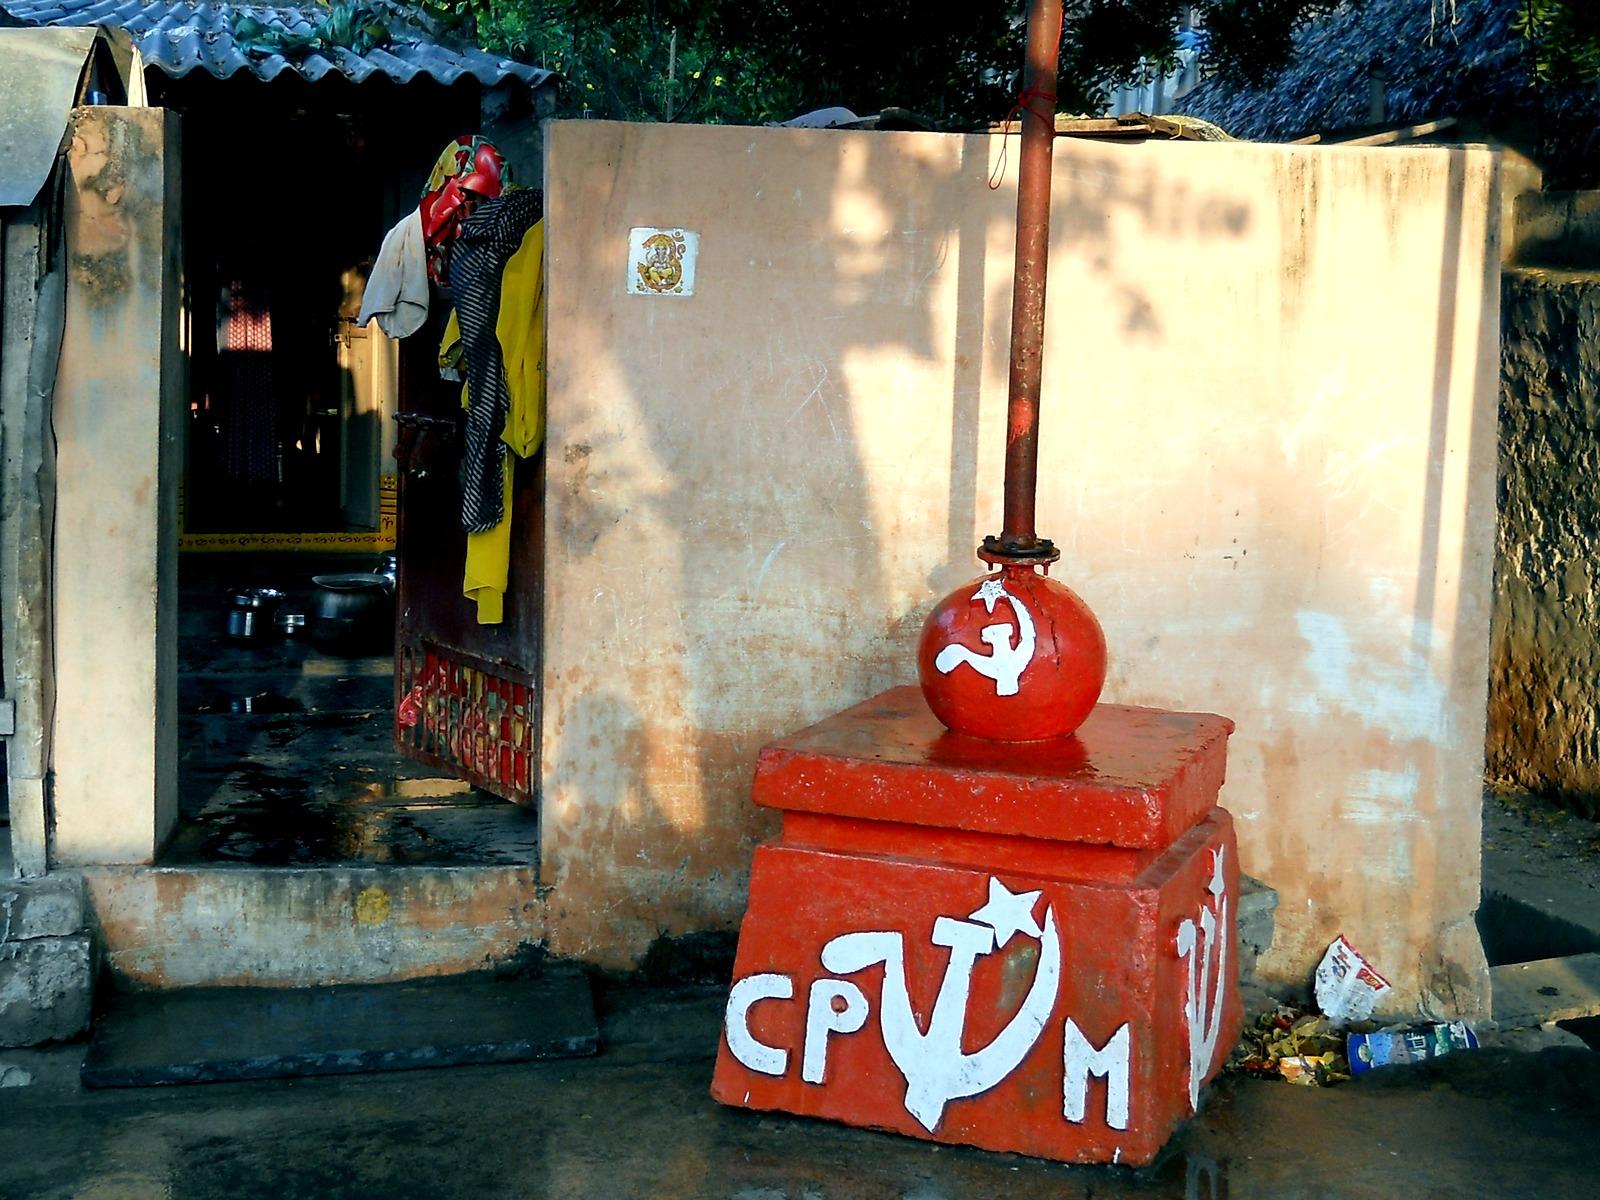 символика СССР в Индии